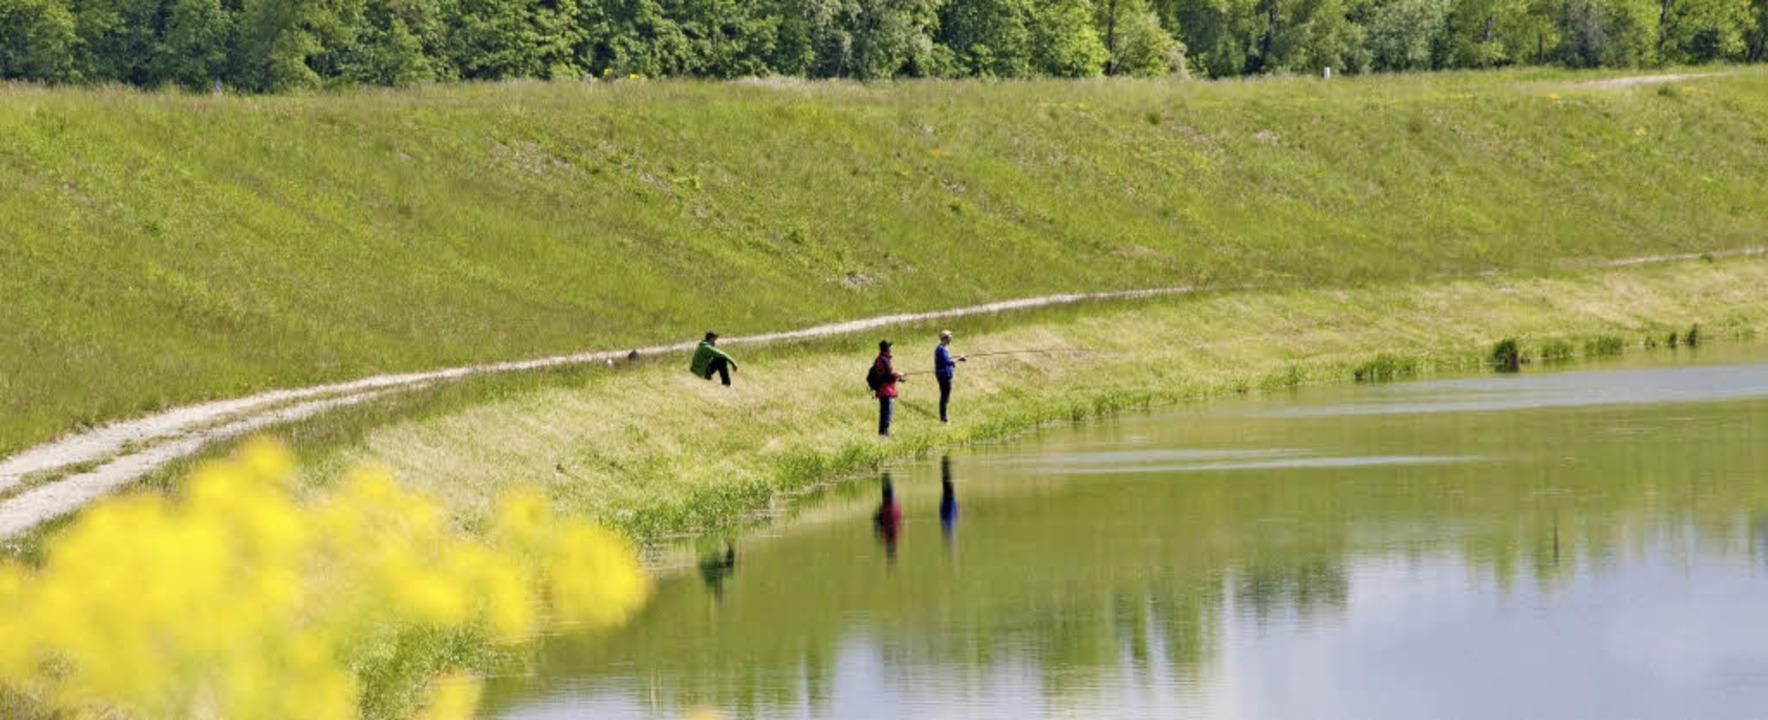 Für Angler ist der Rhein sicher ein Pa...hren plötzlich steigender Wasserpegel.    Foto: Andrea Schiffner